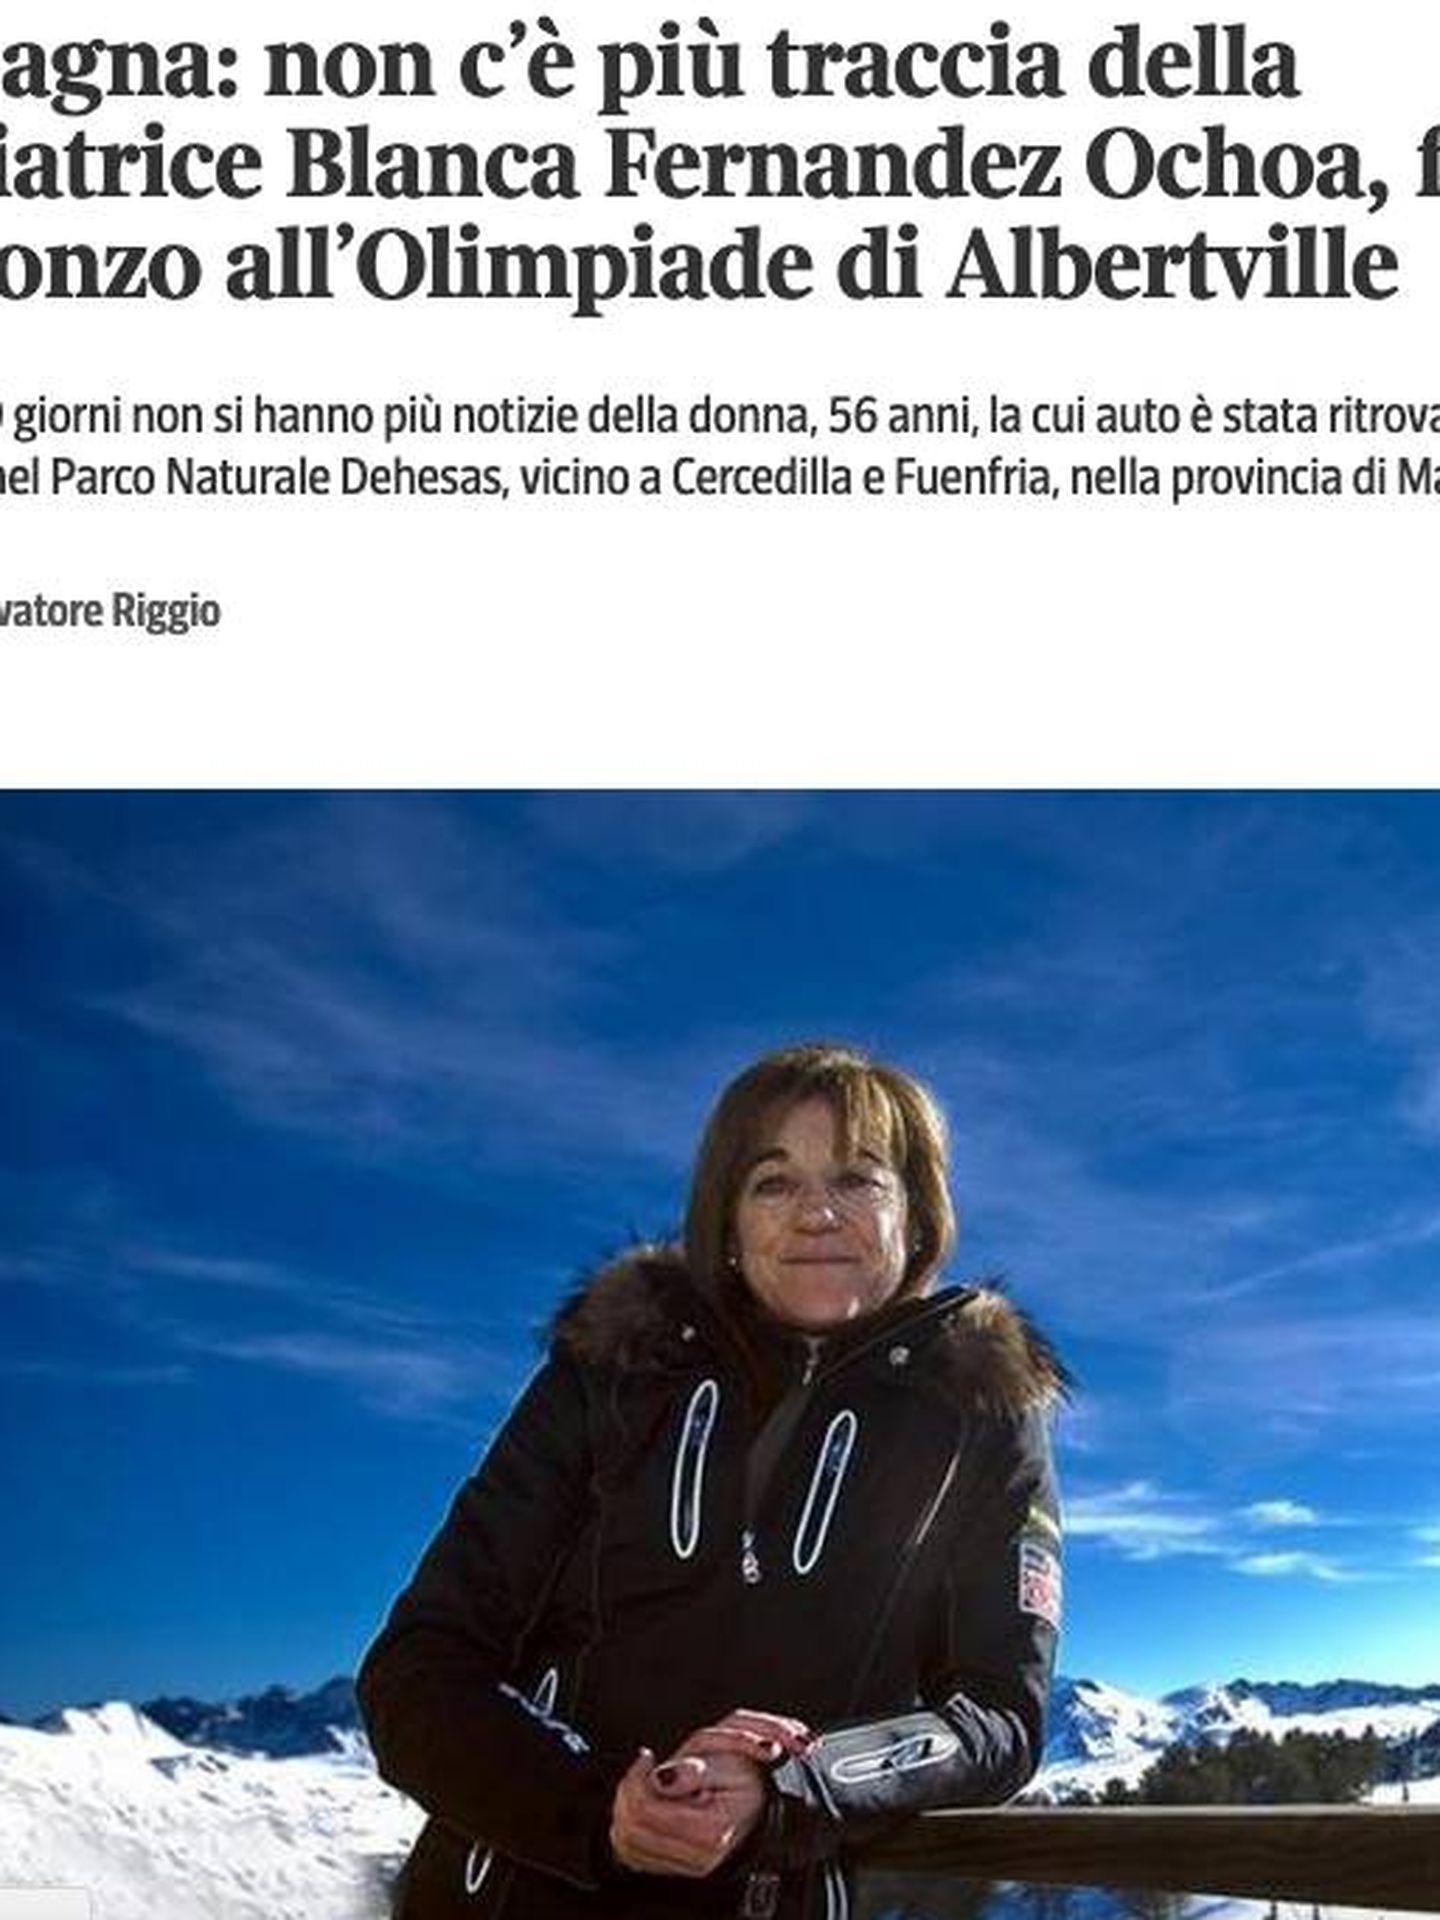 La noticia en 'Il Corriere della sera' italiano.